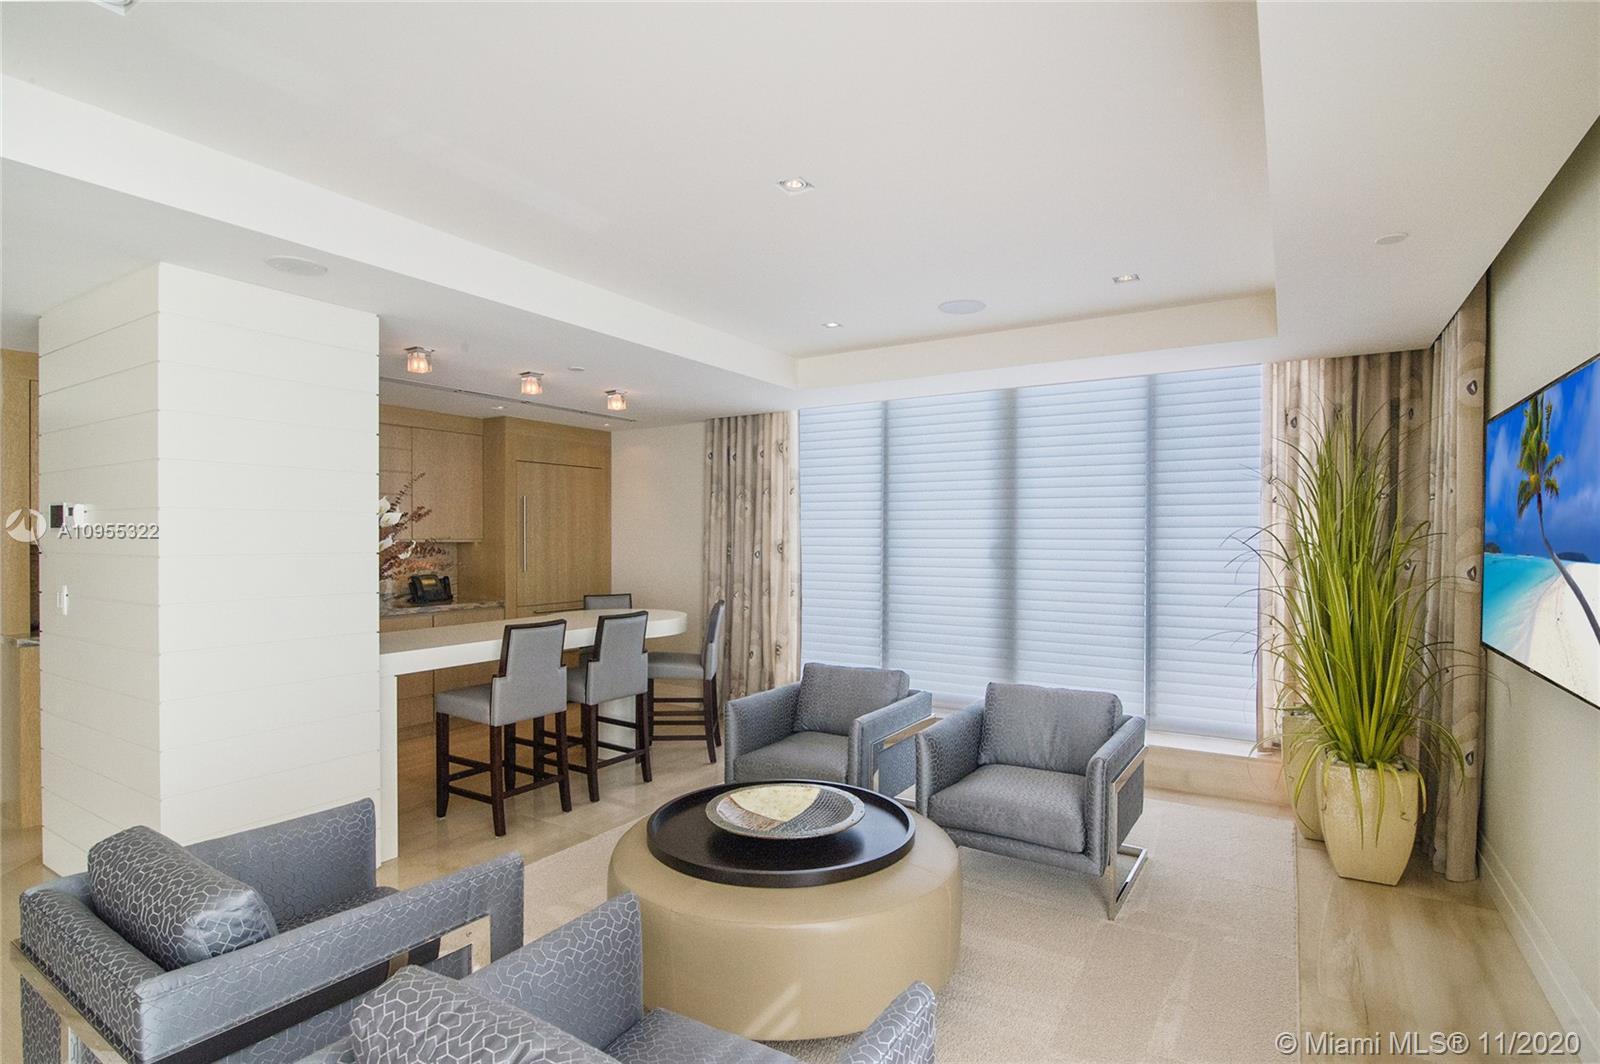 Аренда квартиры по адресу 333 Las Olas Way, Fort Lauderdale, FL 33301 в США